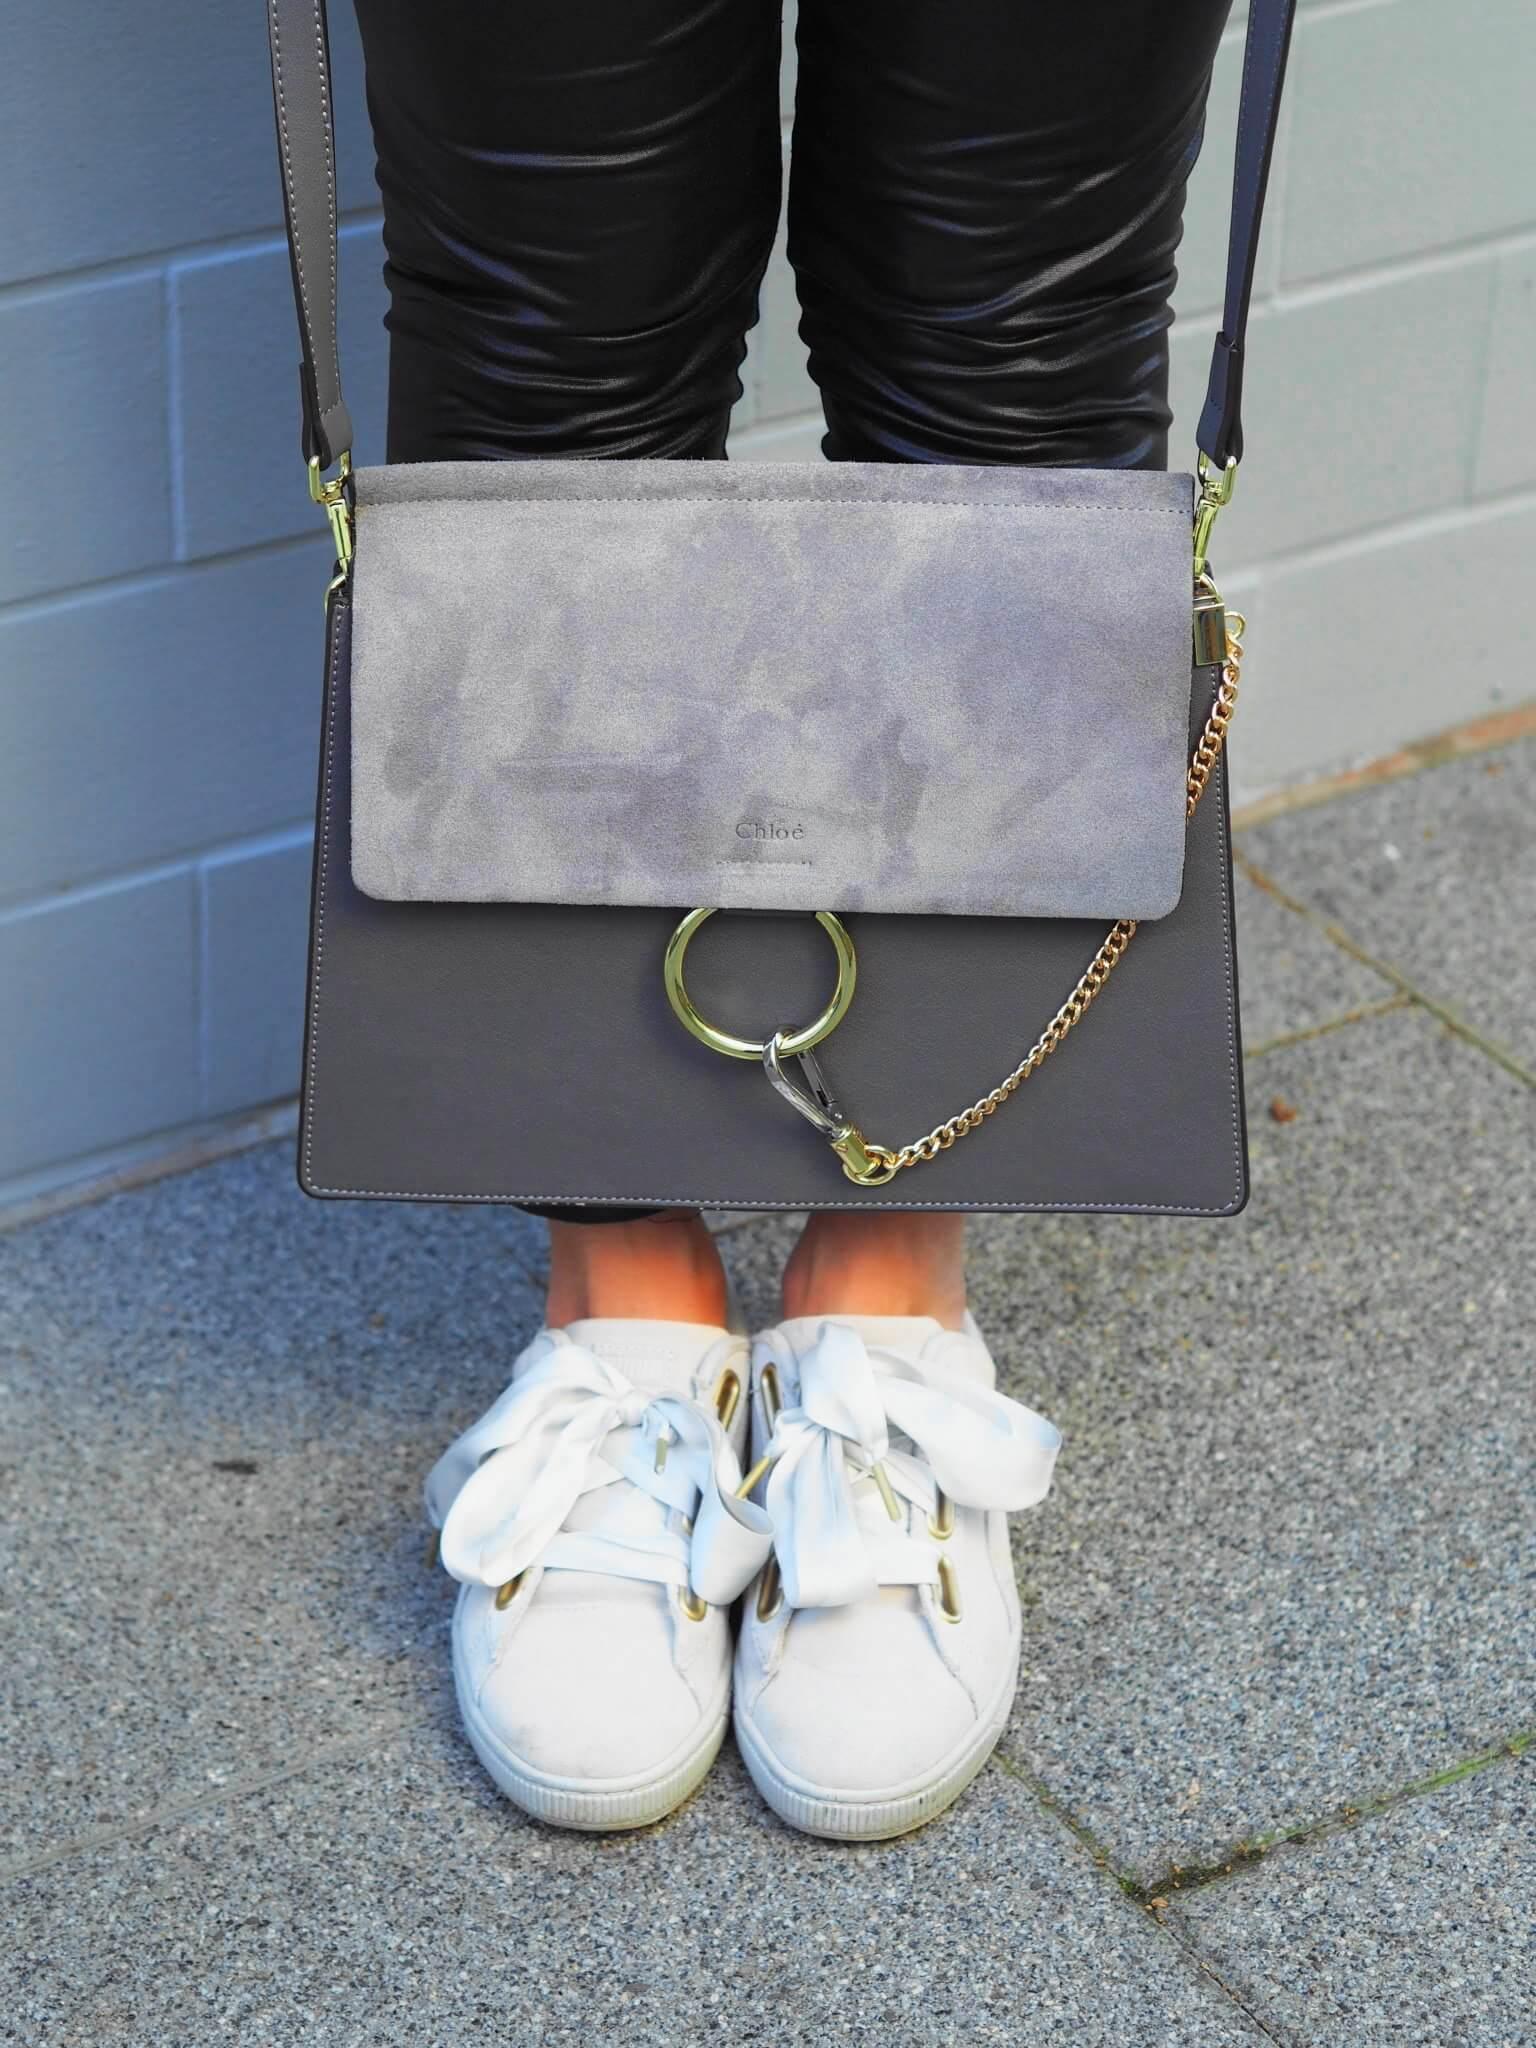 Heute zeige ich euch auf meinem Blog meine wunderschönes Faye Tasche von Chloé in einem OOTD und erzähle euch ein wenig über das weltbekannte Pariser Label